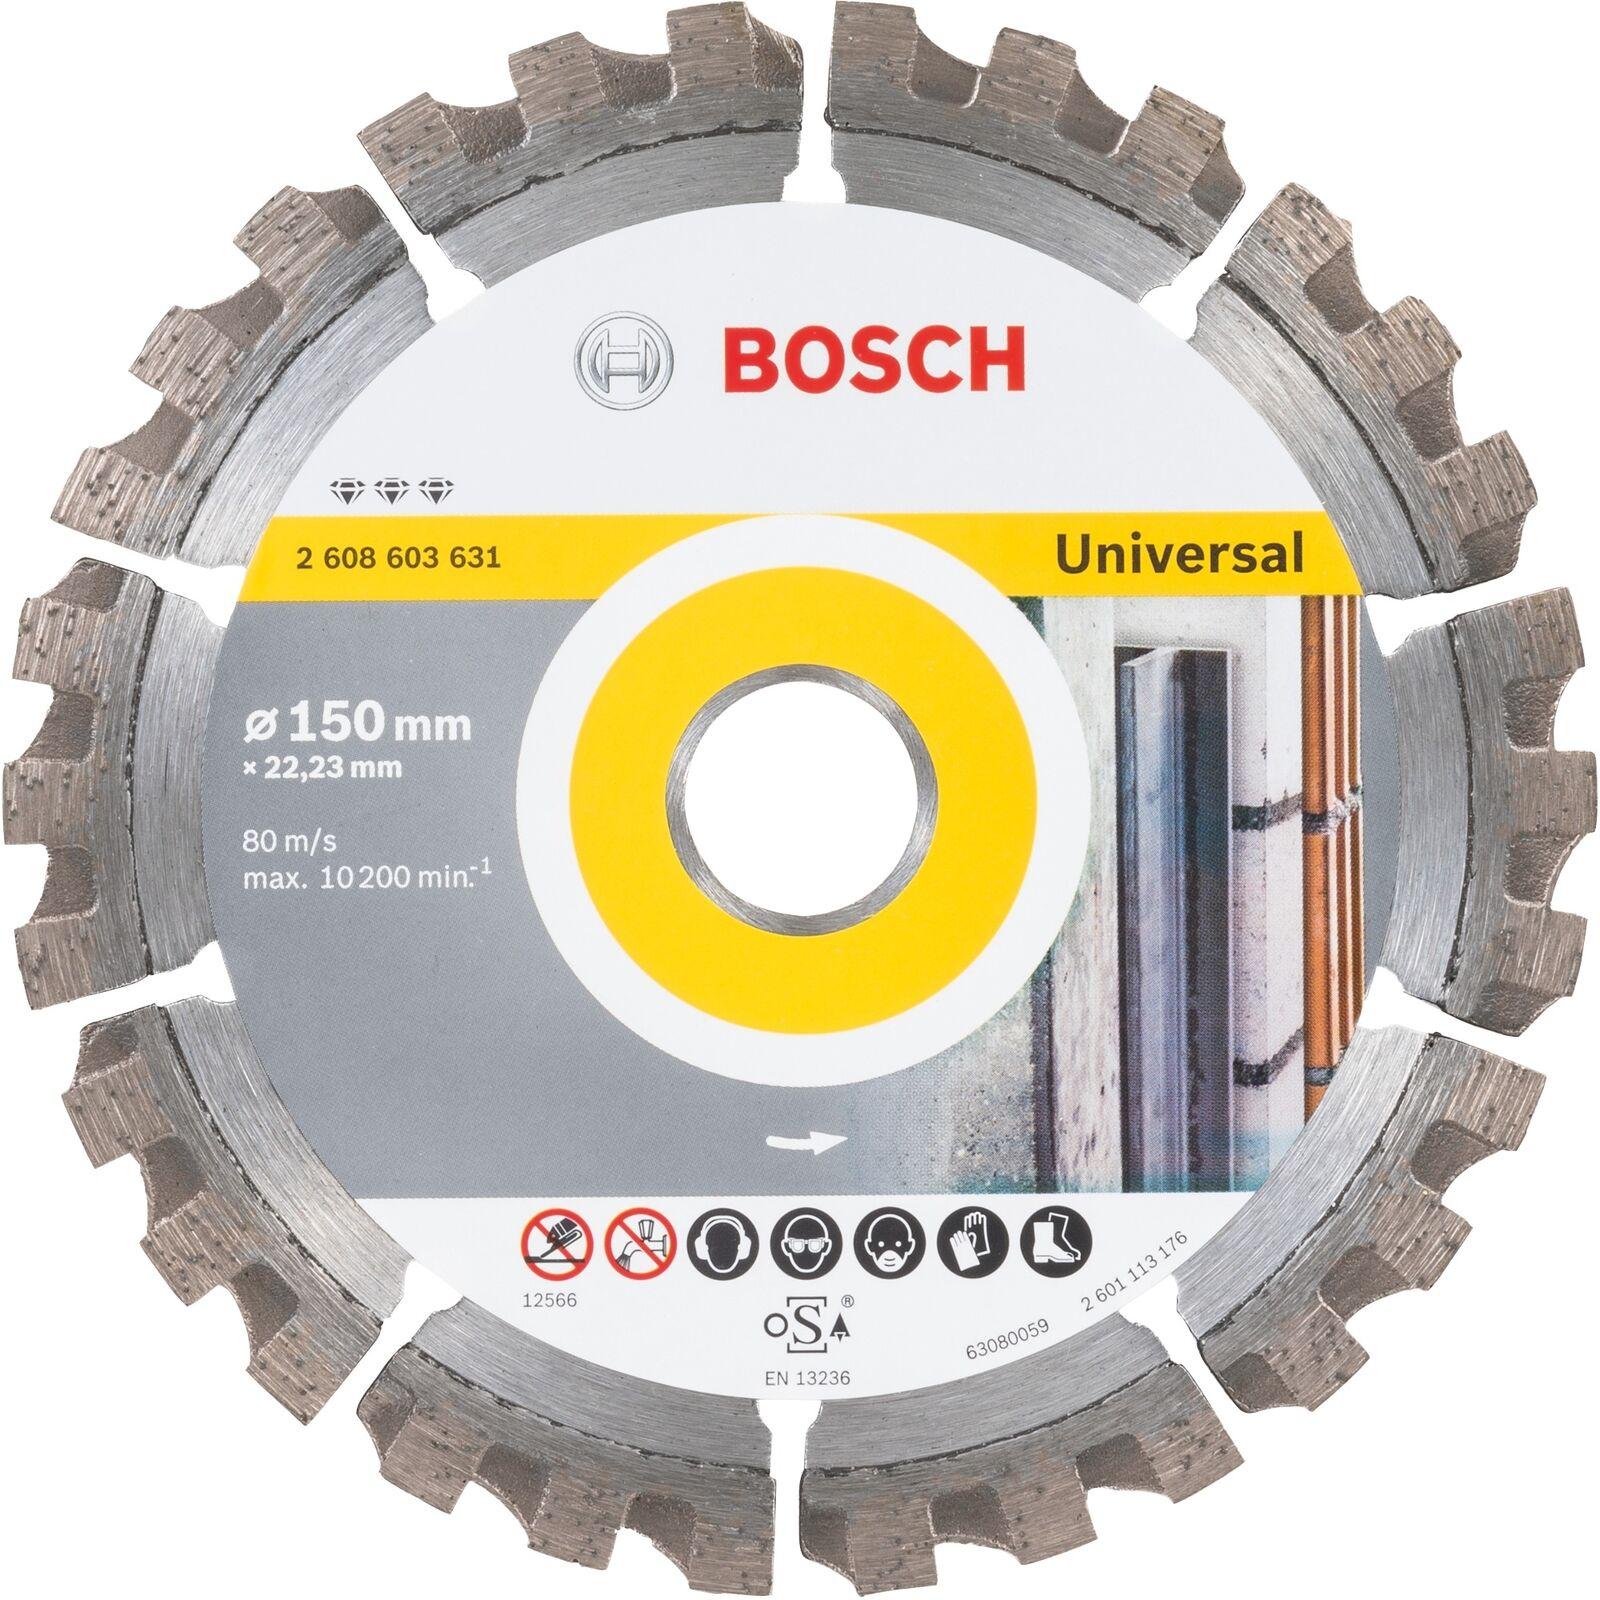 Bosch Professional Diamanttrennscheibe Best for Universal, 150mm, Trennscheibe